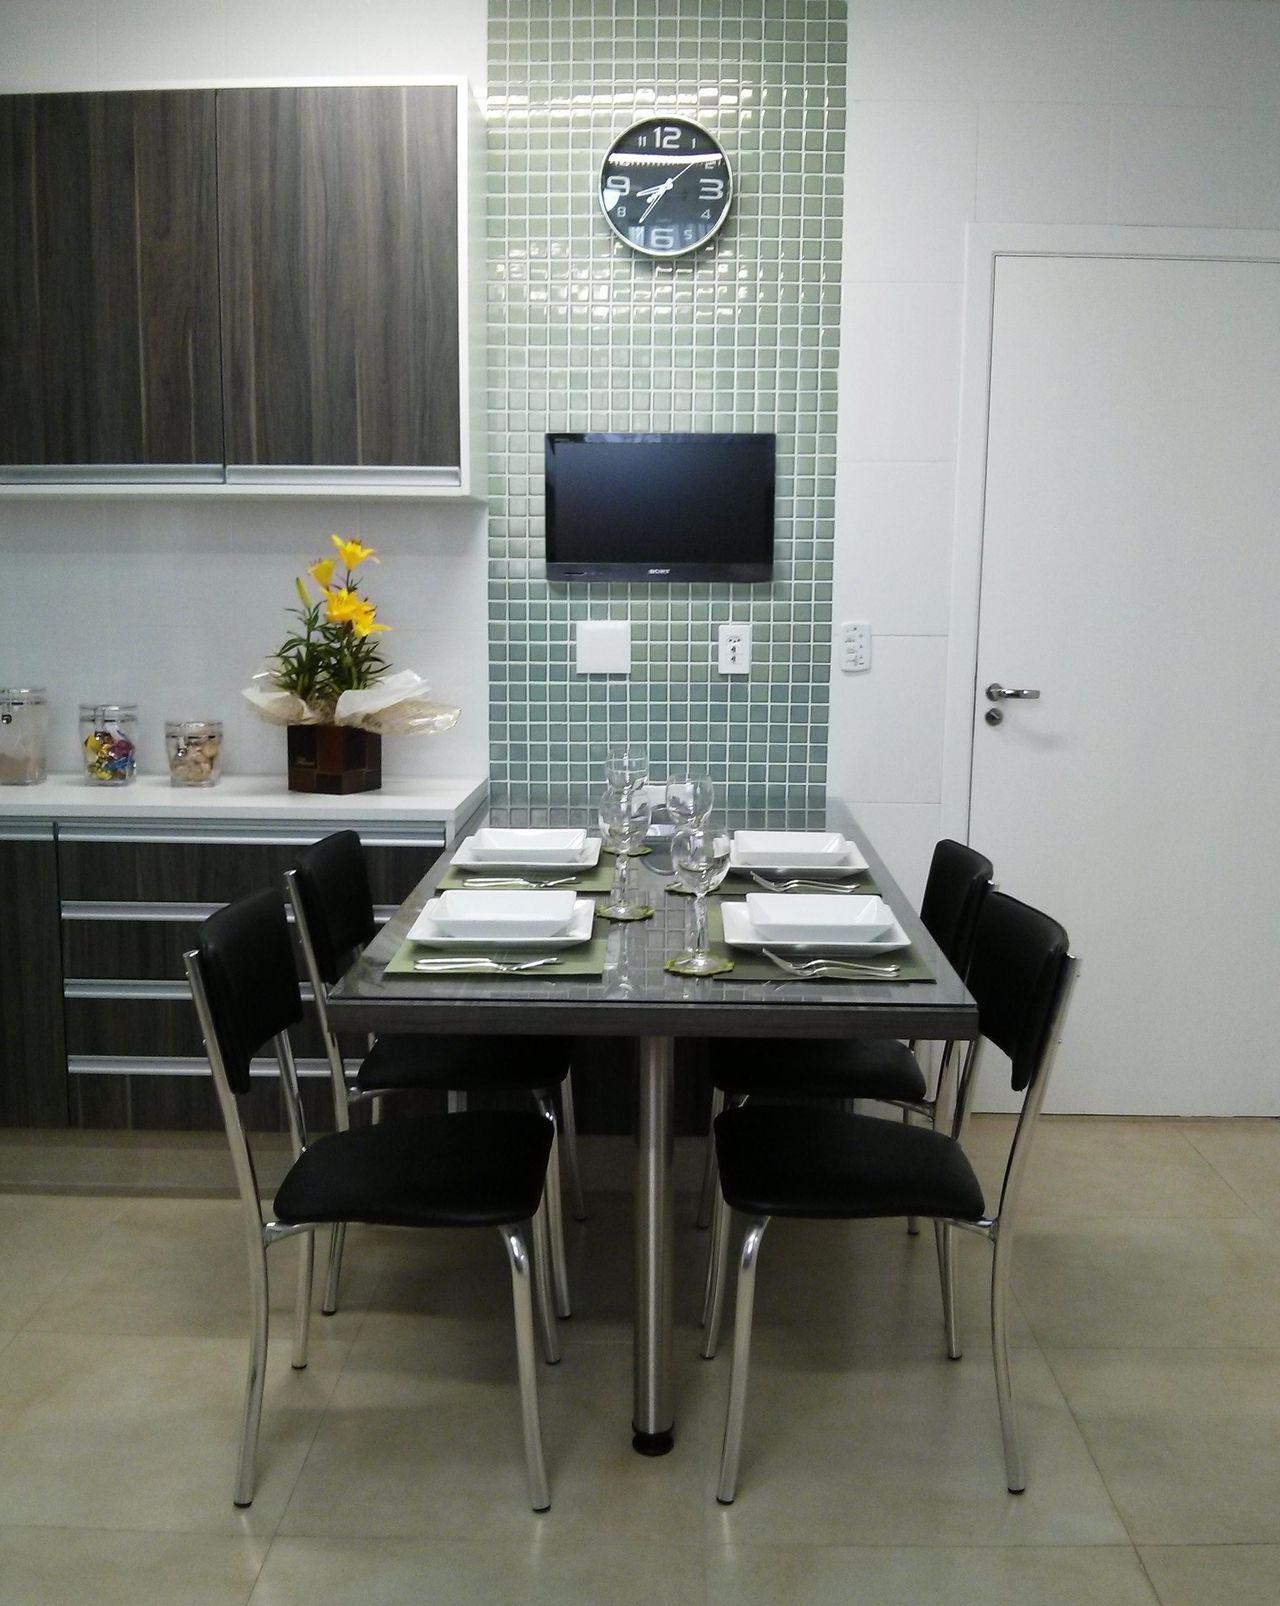 Cozinha Com Mesa Quadrada E Cadeira Preta De Juliana Moreno 61819